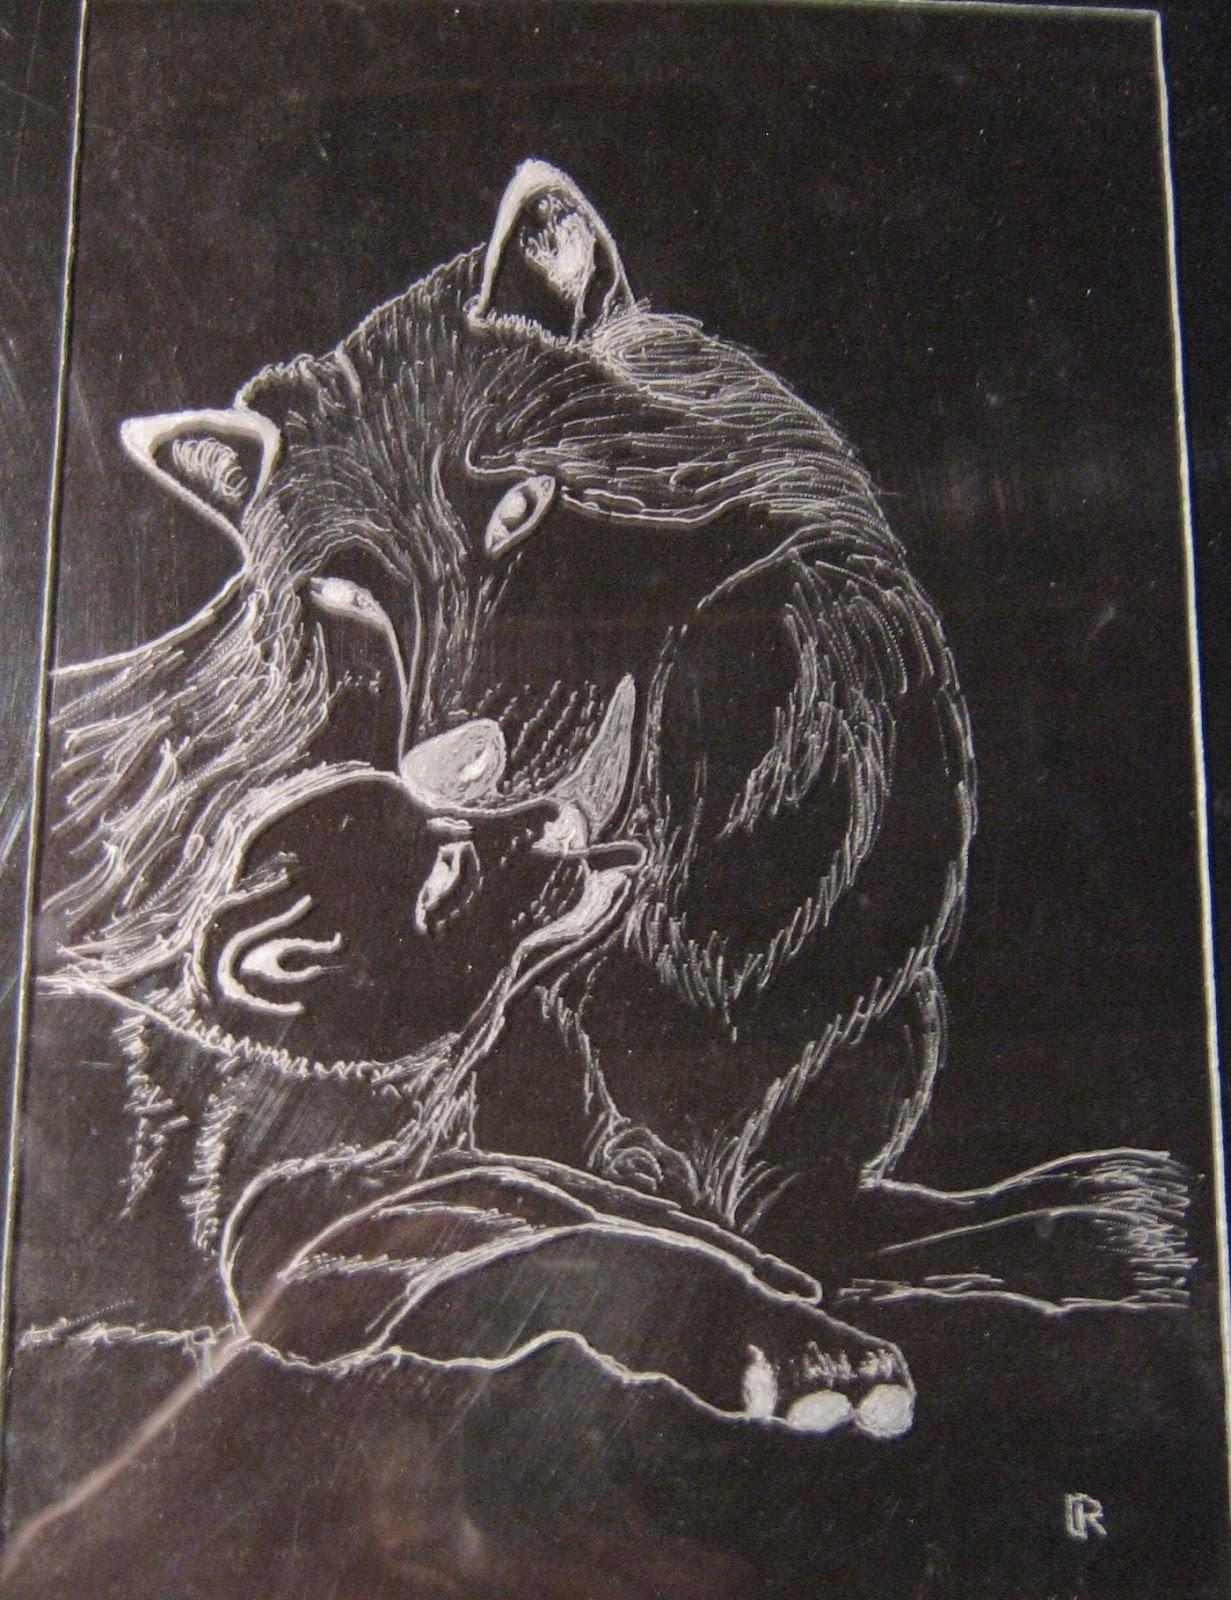 Gravures Sur Verre tout montfrialoux gravure, expo de gravure sur verre: les vitres (animaux)